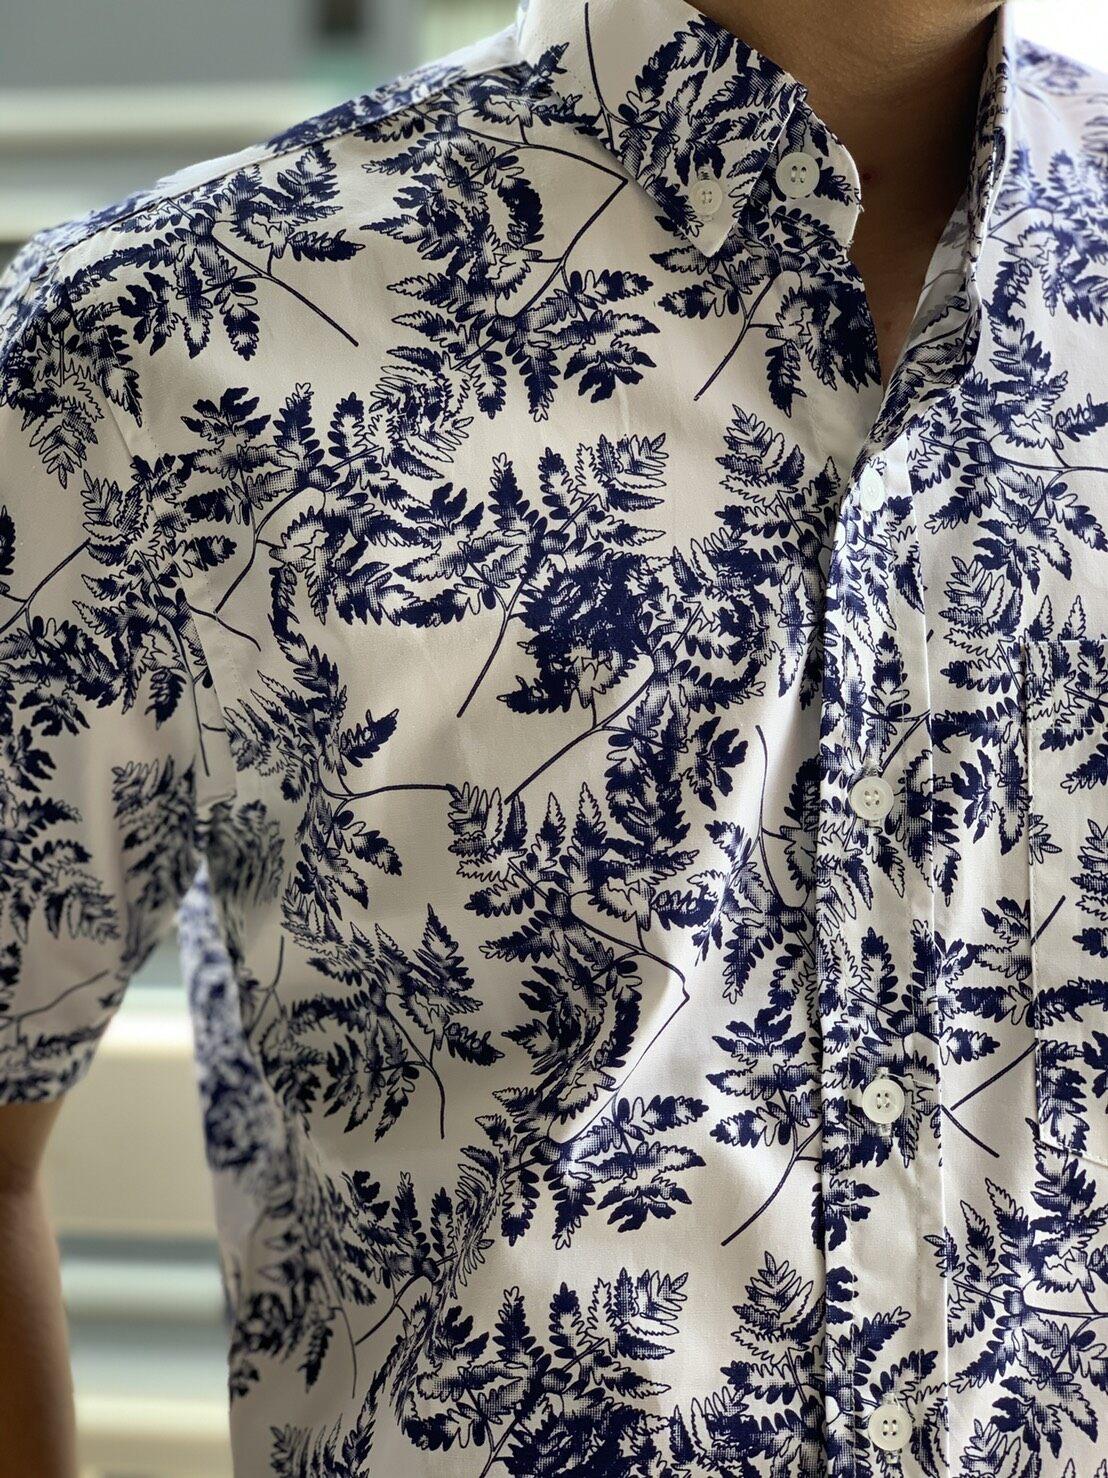 เสื้อเชิ้ตผู้ชาย 2020 แขนสั้น เสื้อคอปกแขนสั้น พิมพ์ลาย ไซส์พิเศษ ไซส์ใหญ่ ถึง ุ60 นิ้วผ้าดี